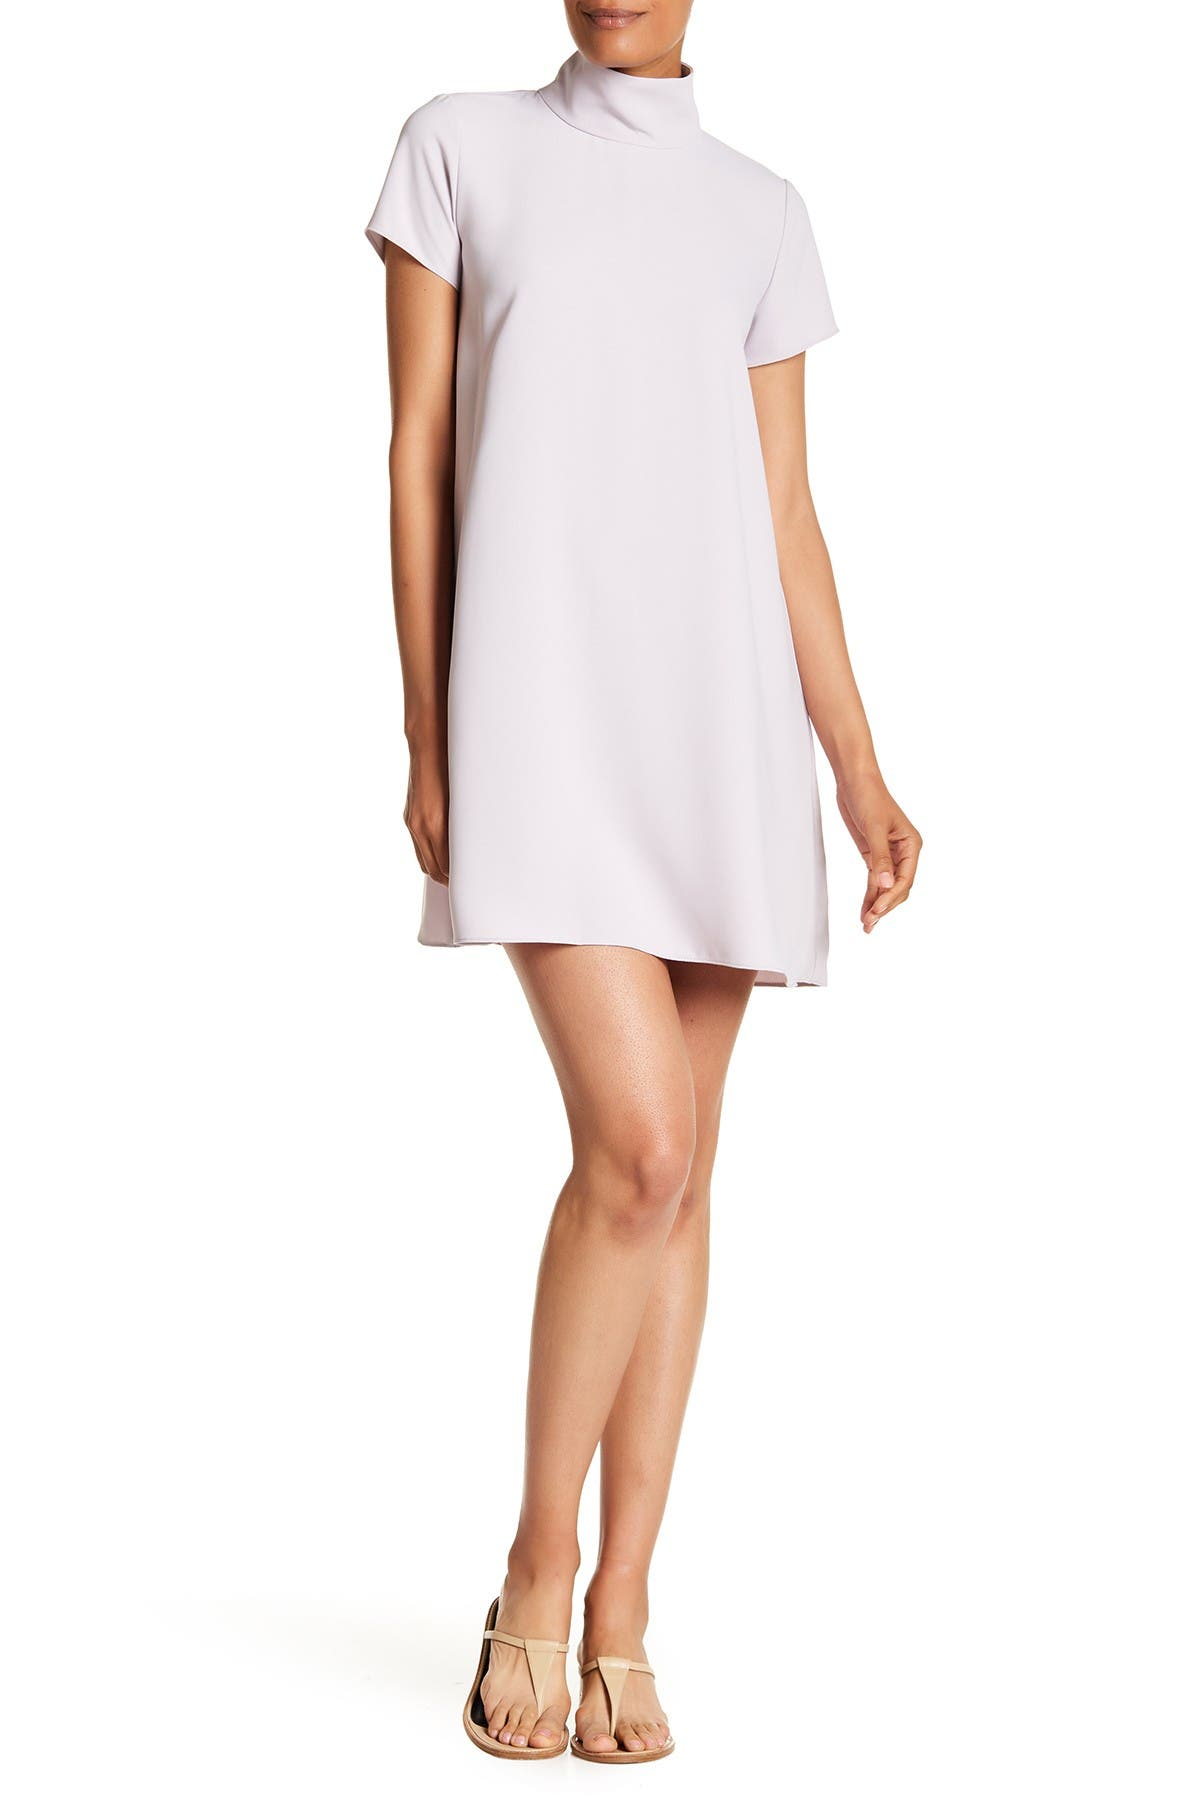 Image of Amanda Uprichard Connor Dress